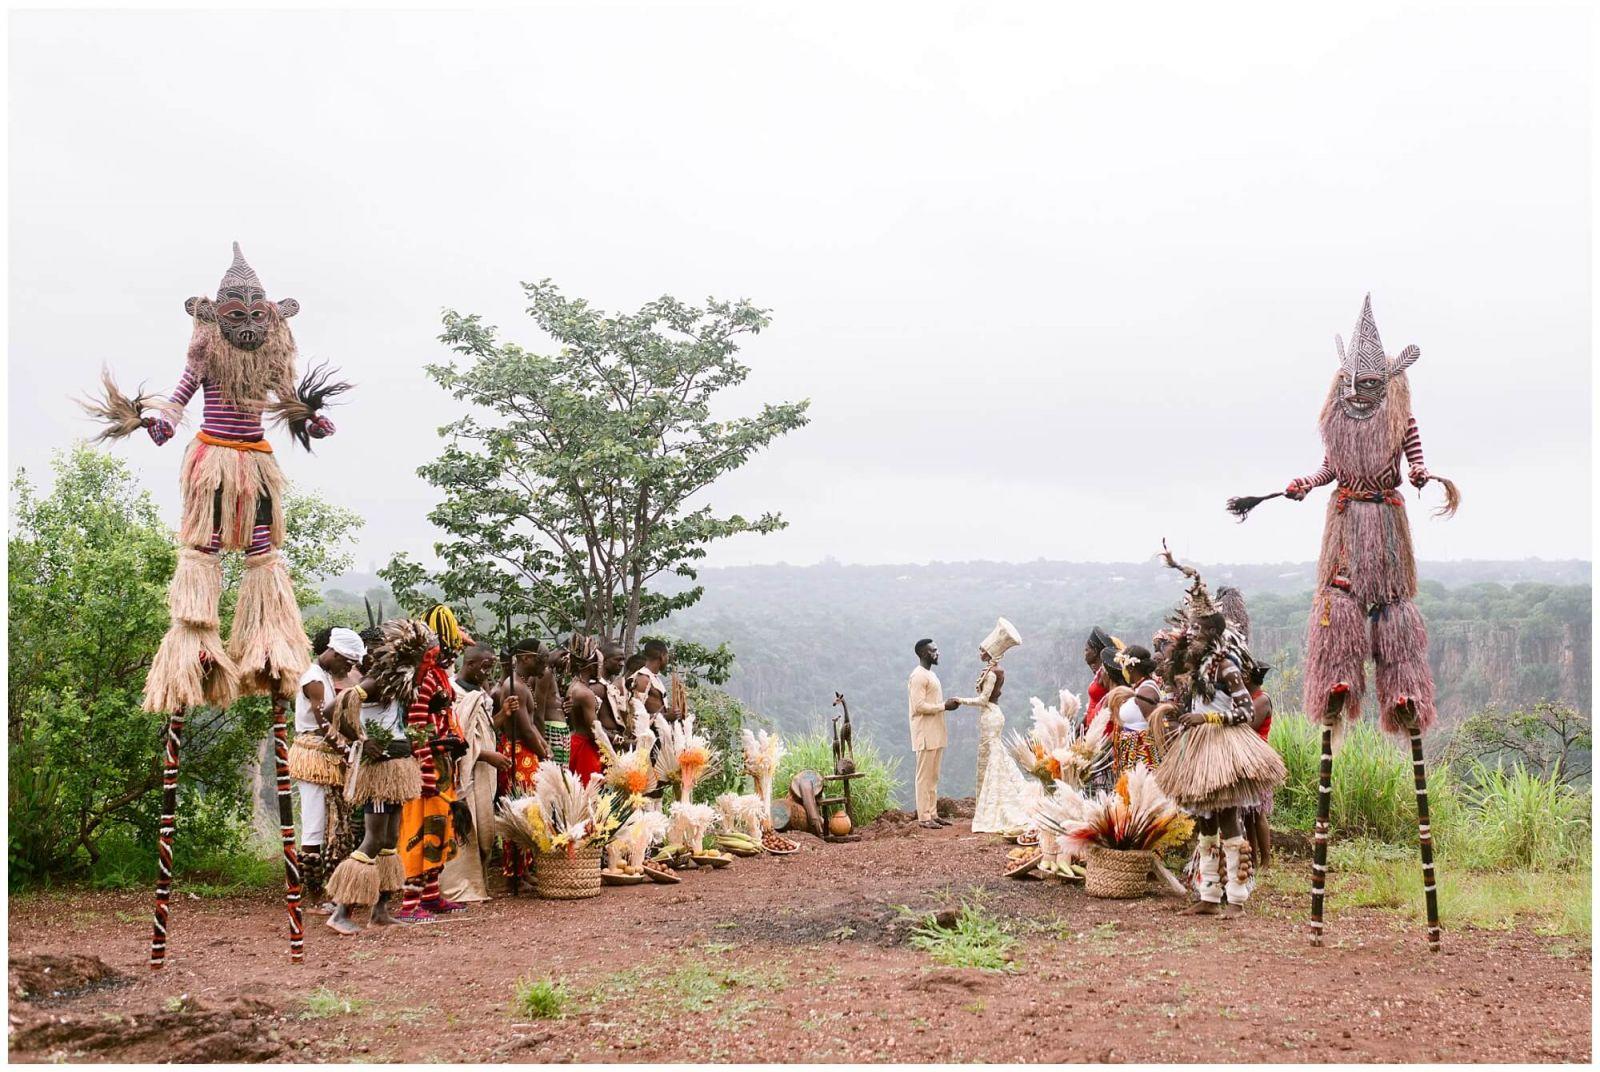 Destination wedding photographer in Africa